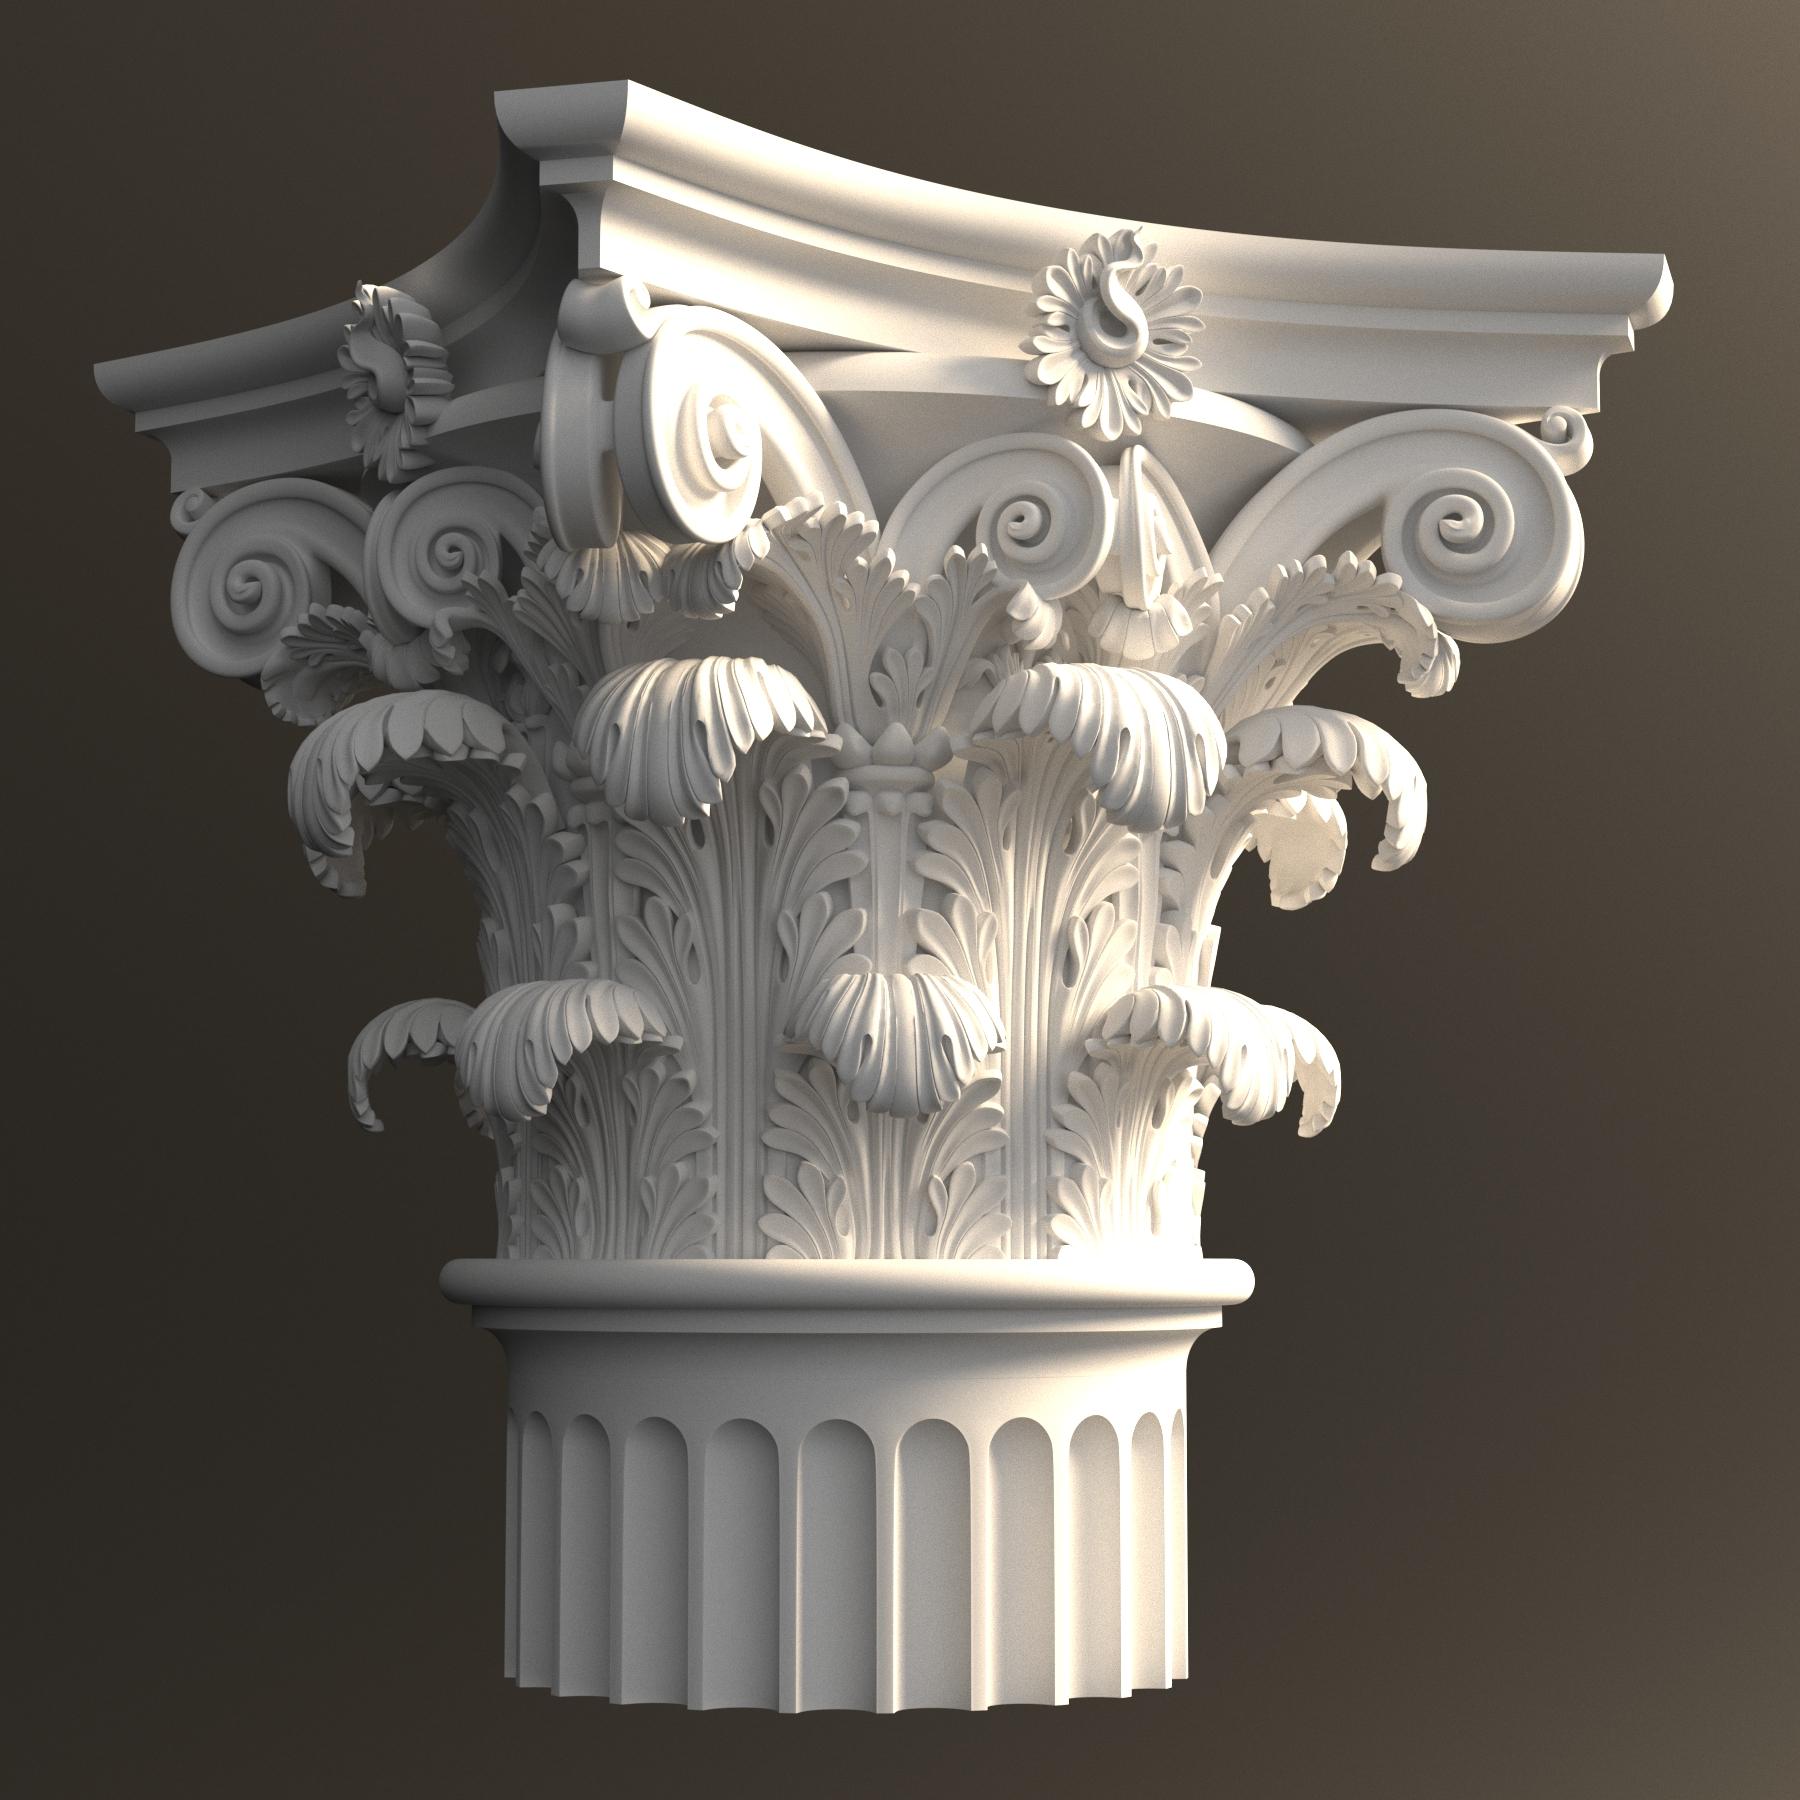 мастера специалисты капители колонны фото фото